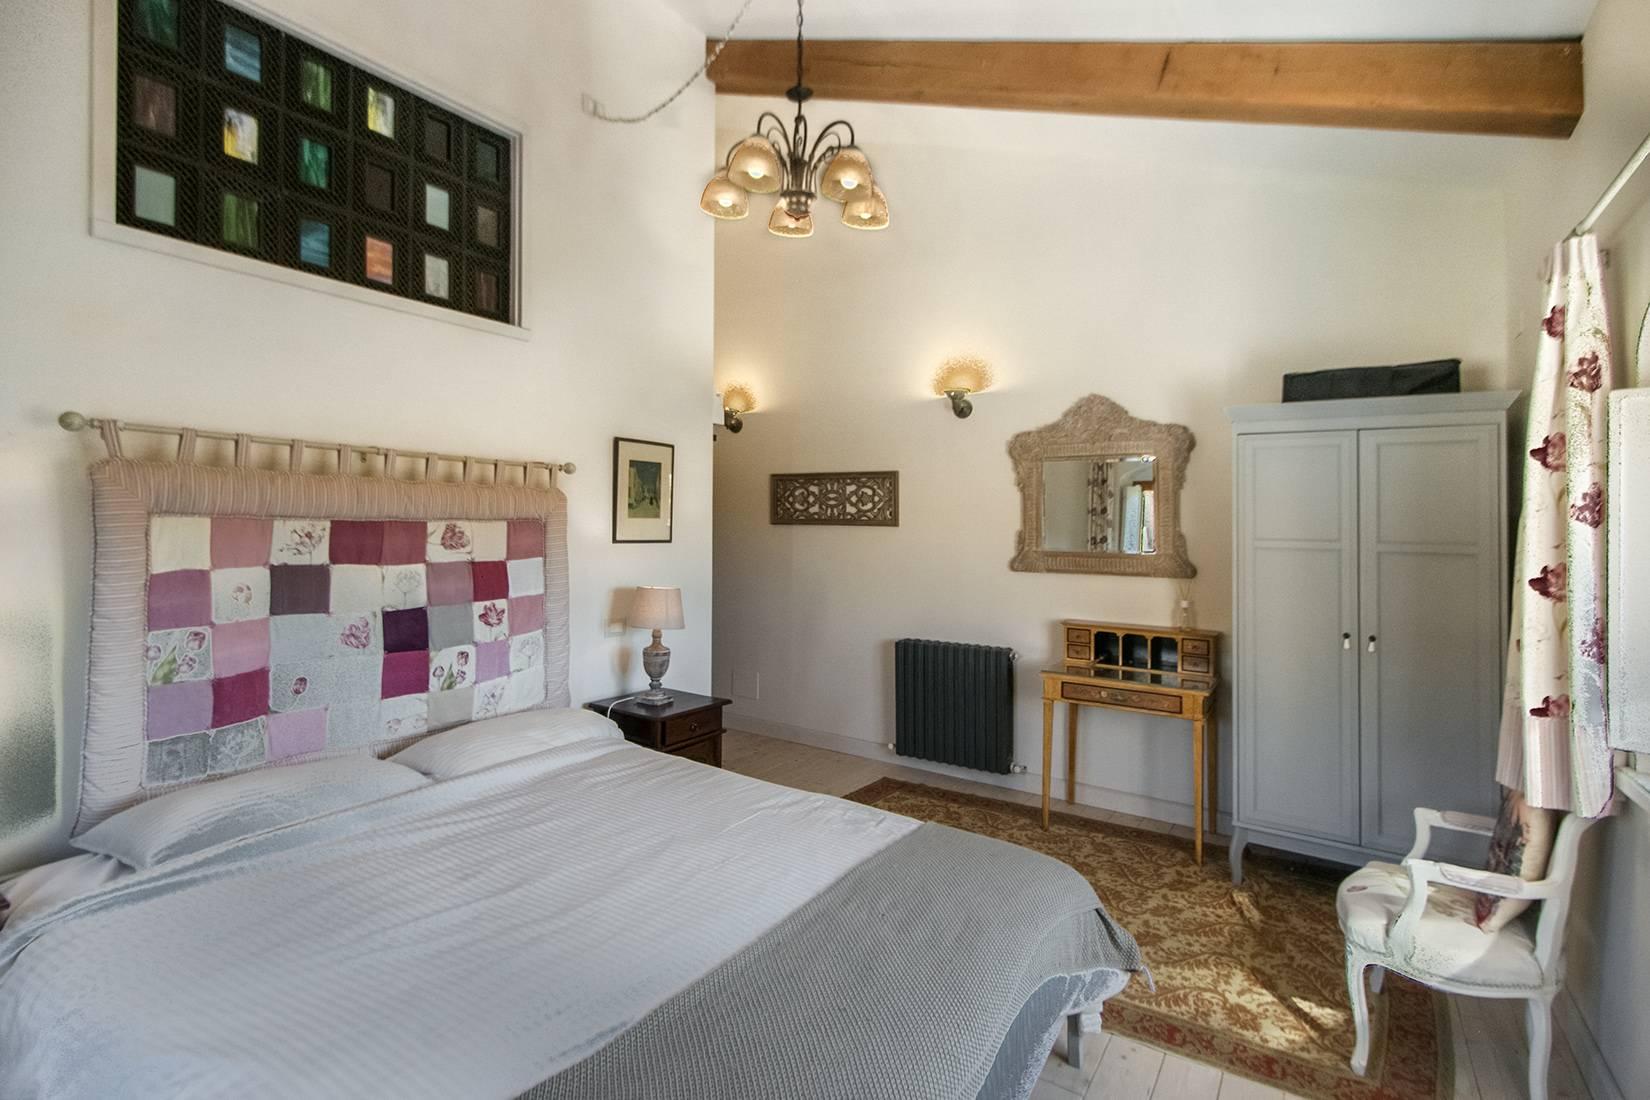 Casale a Montefiore dell'Aso (Ascoli Piceno)